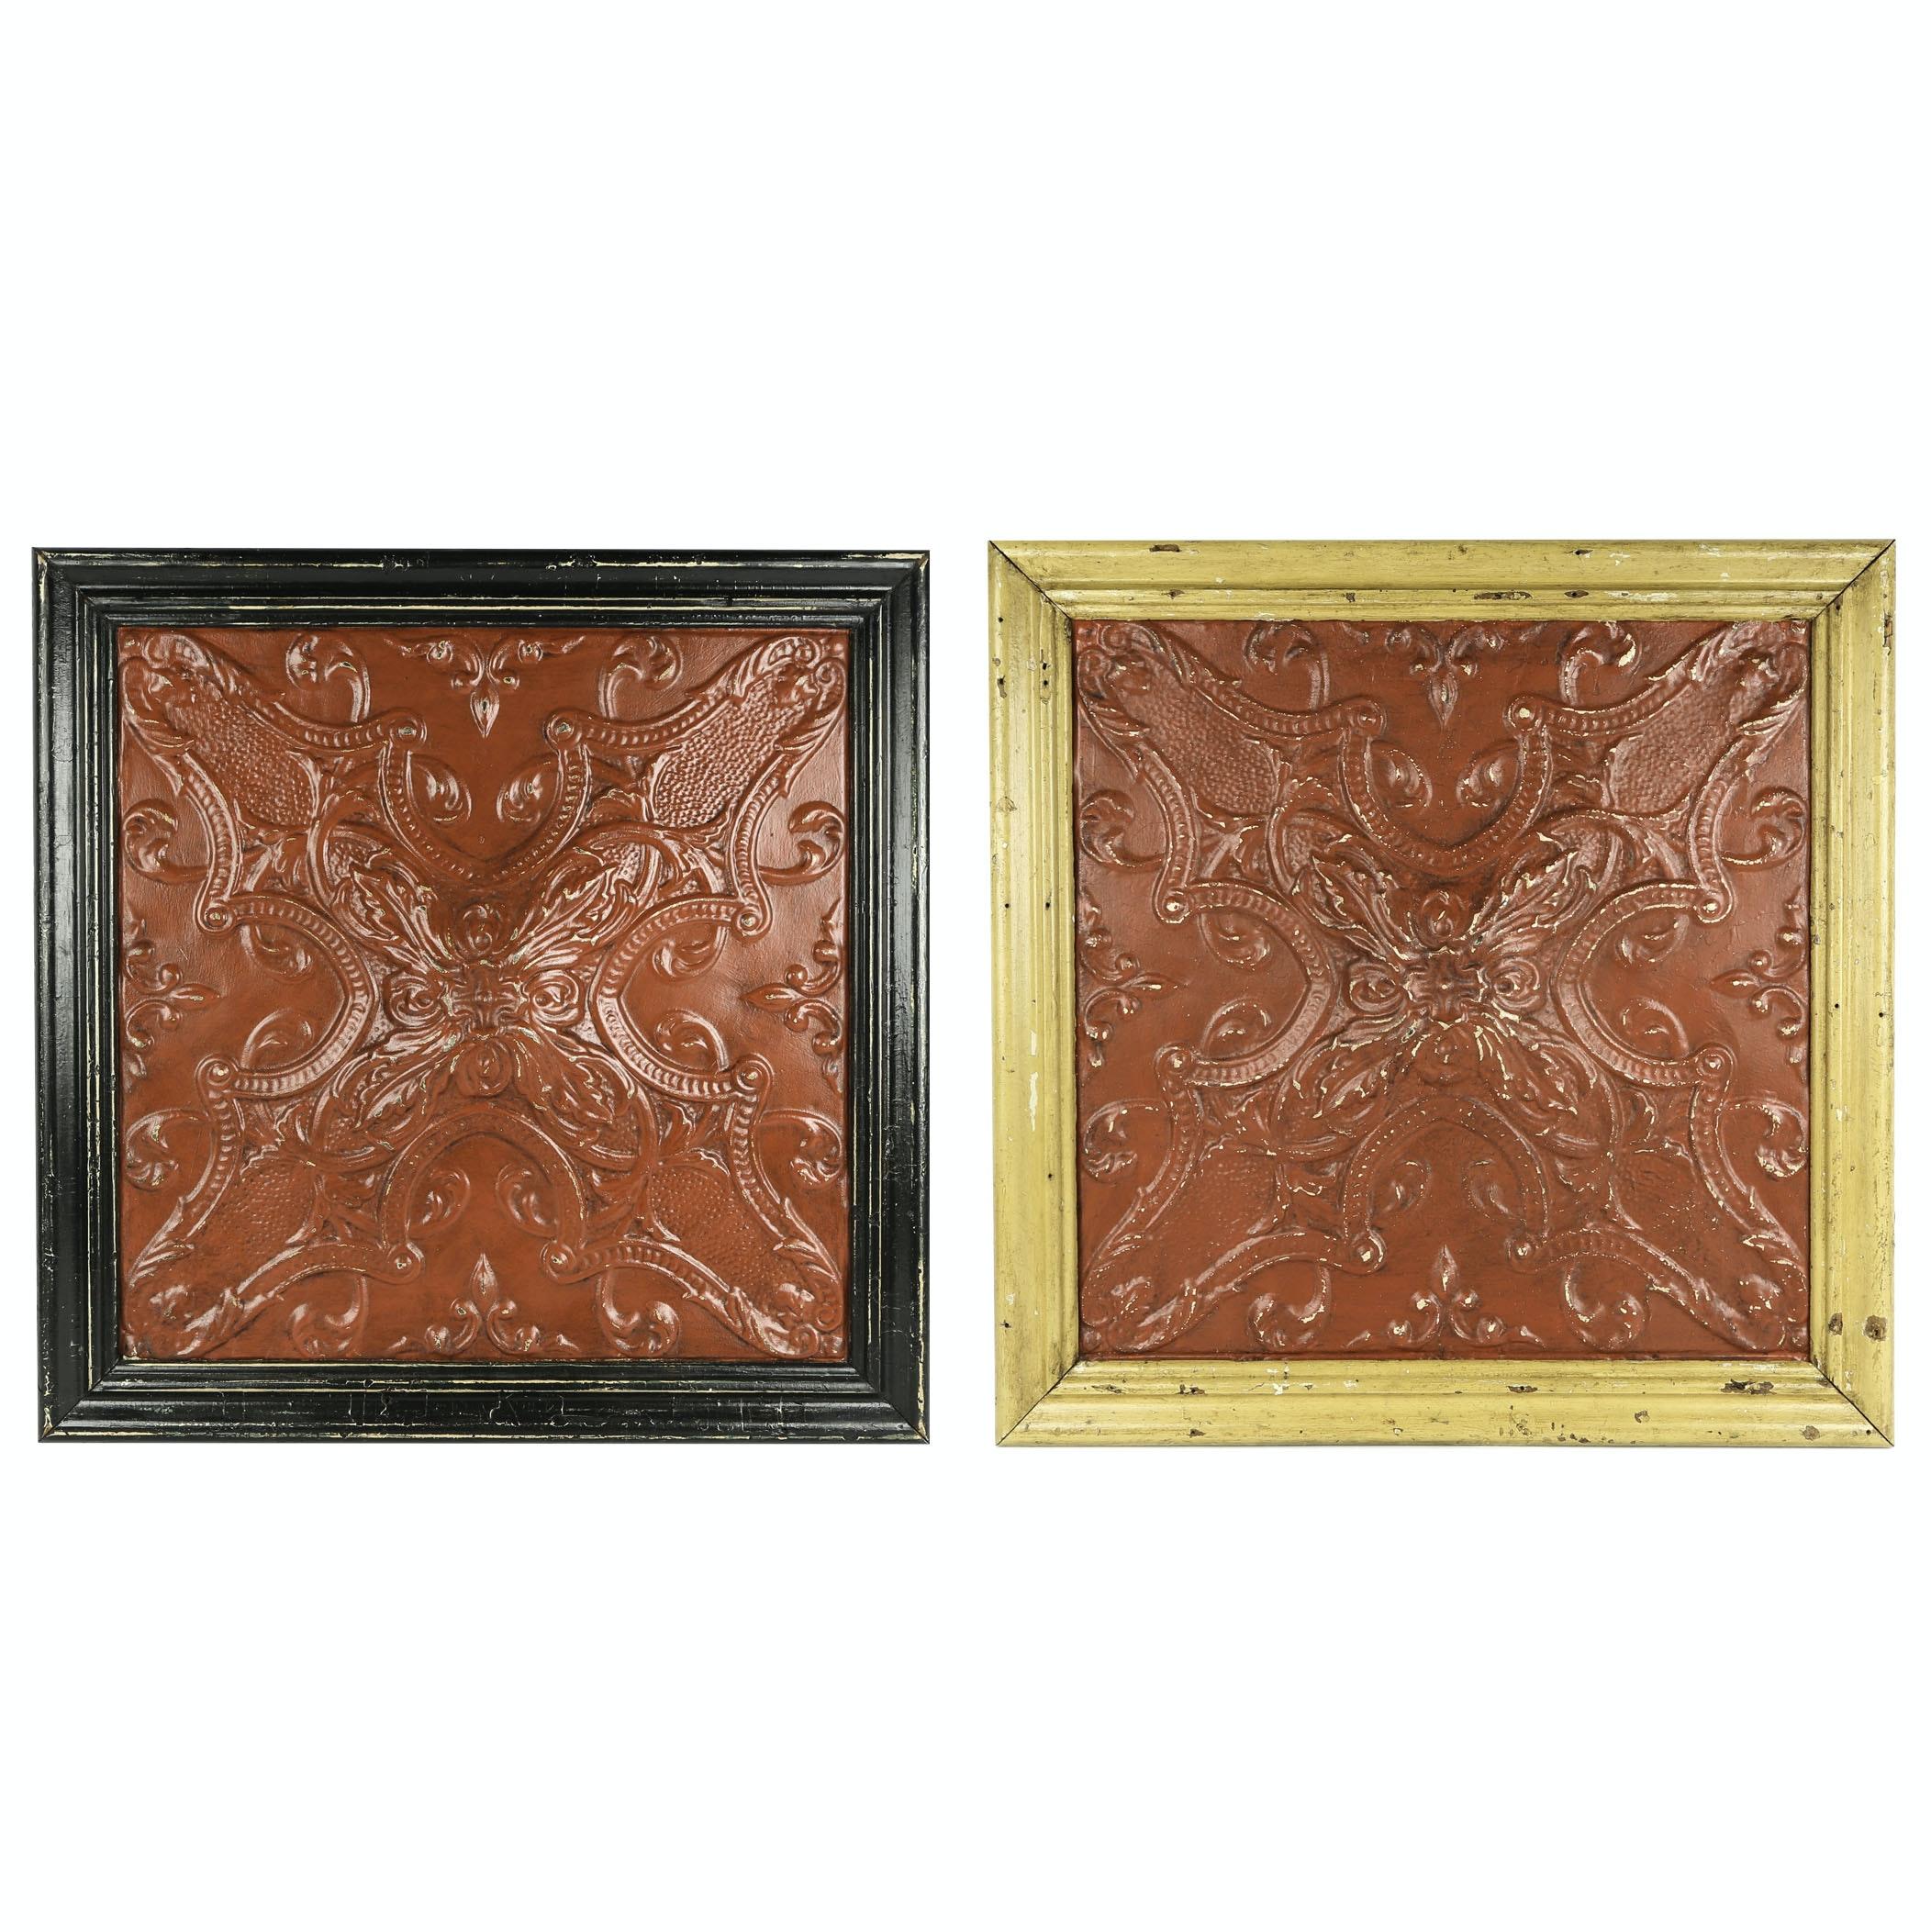 Framed Vintage Ceiling Tiles